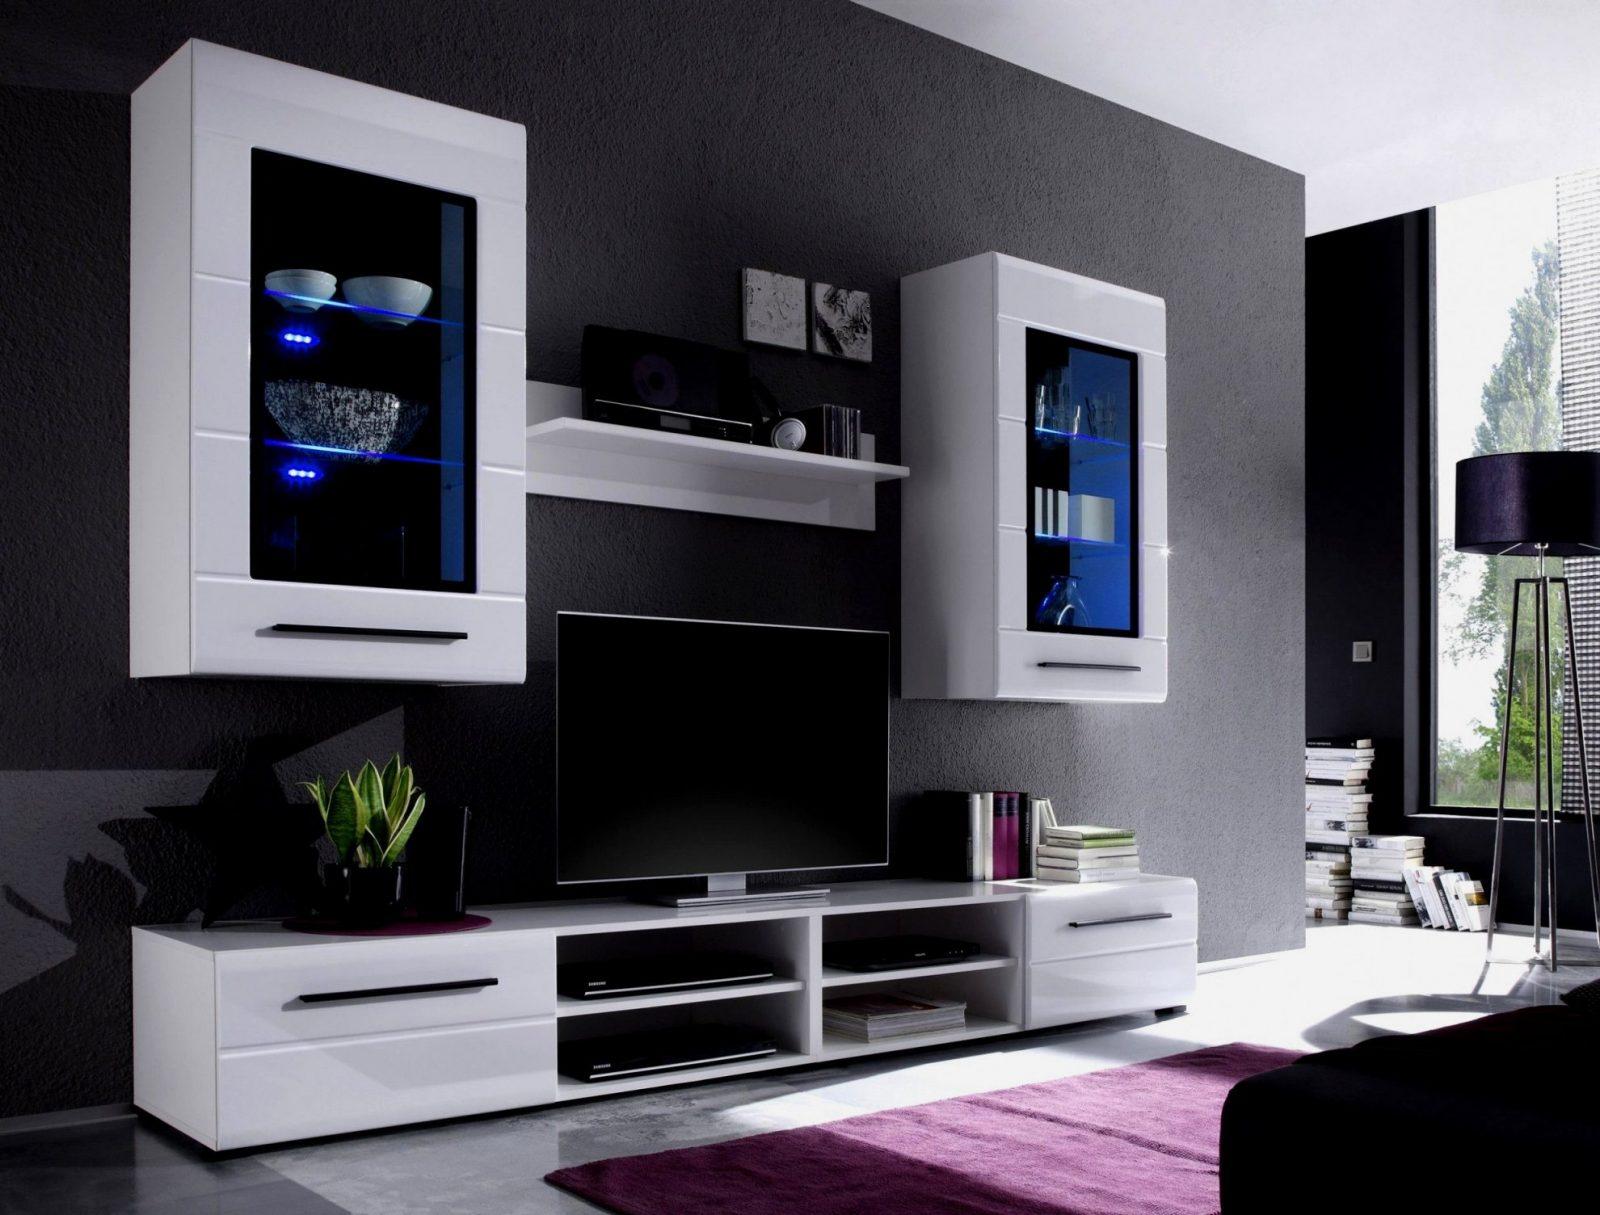 Wohnzimmer Möbel Poco  Ideen Für Wohnzimmer Gestalten  Tv Unit von Wohnwand Nussbaum Weiß Poco Bild